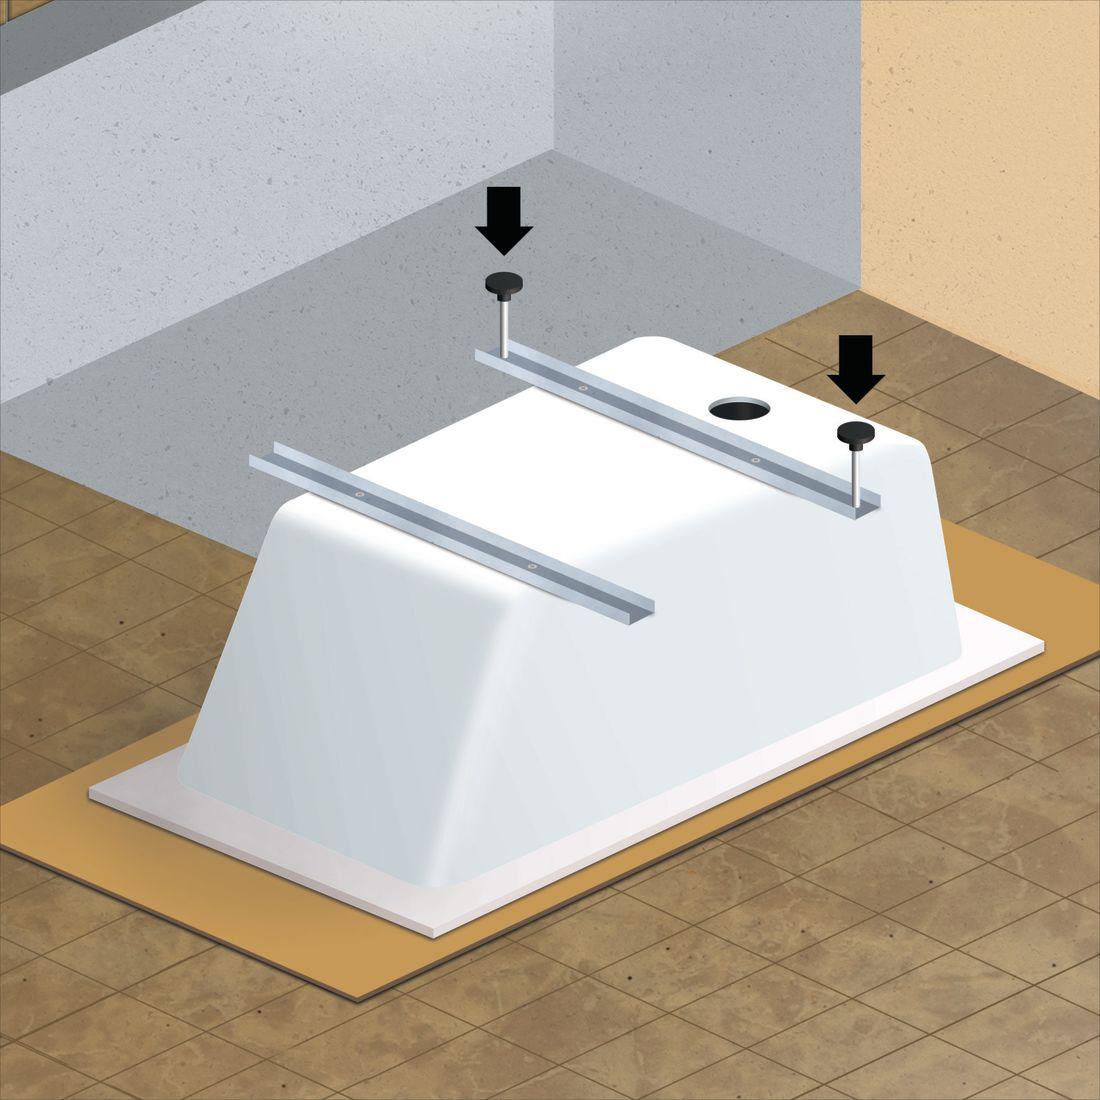 Leroy merlin vasca da bagno mobile lavabo bagno leroy - Vasca da bagno grande ...